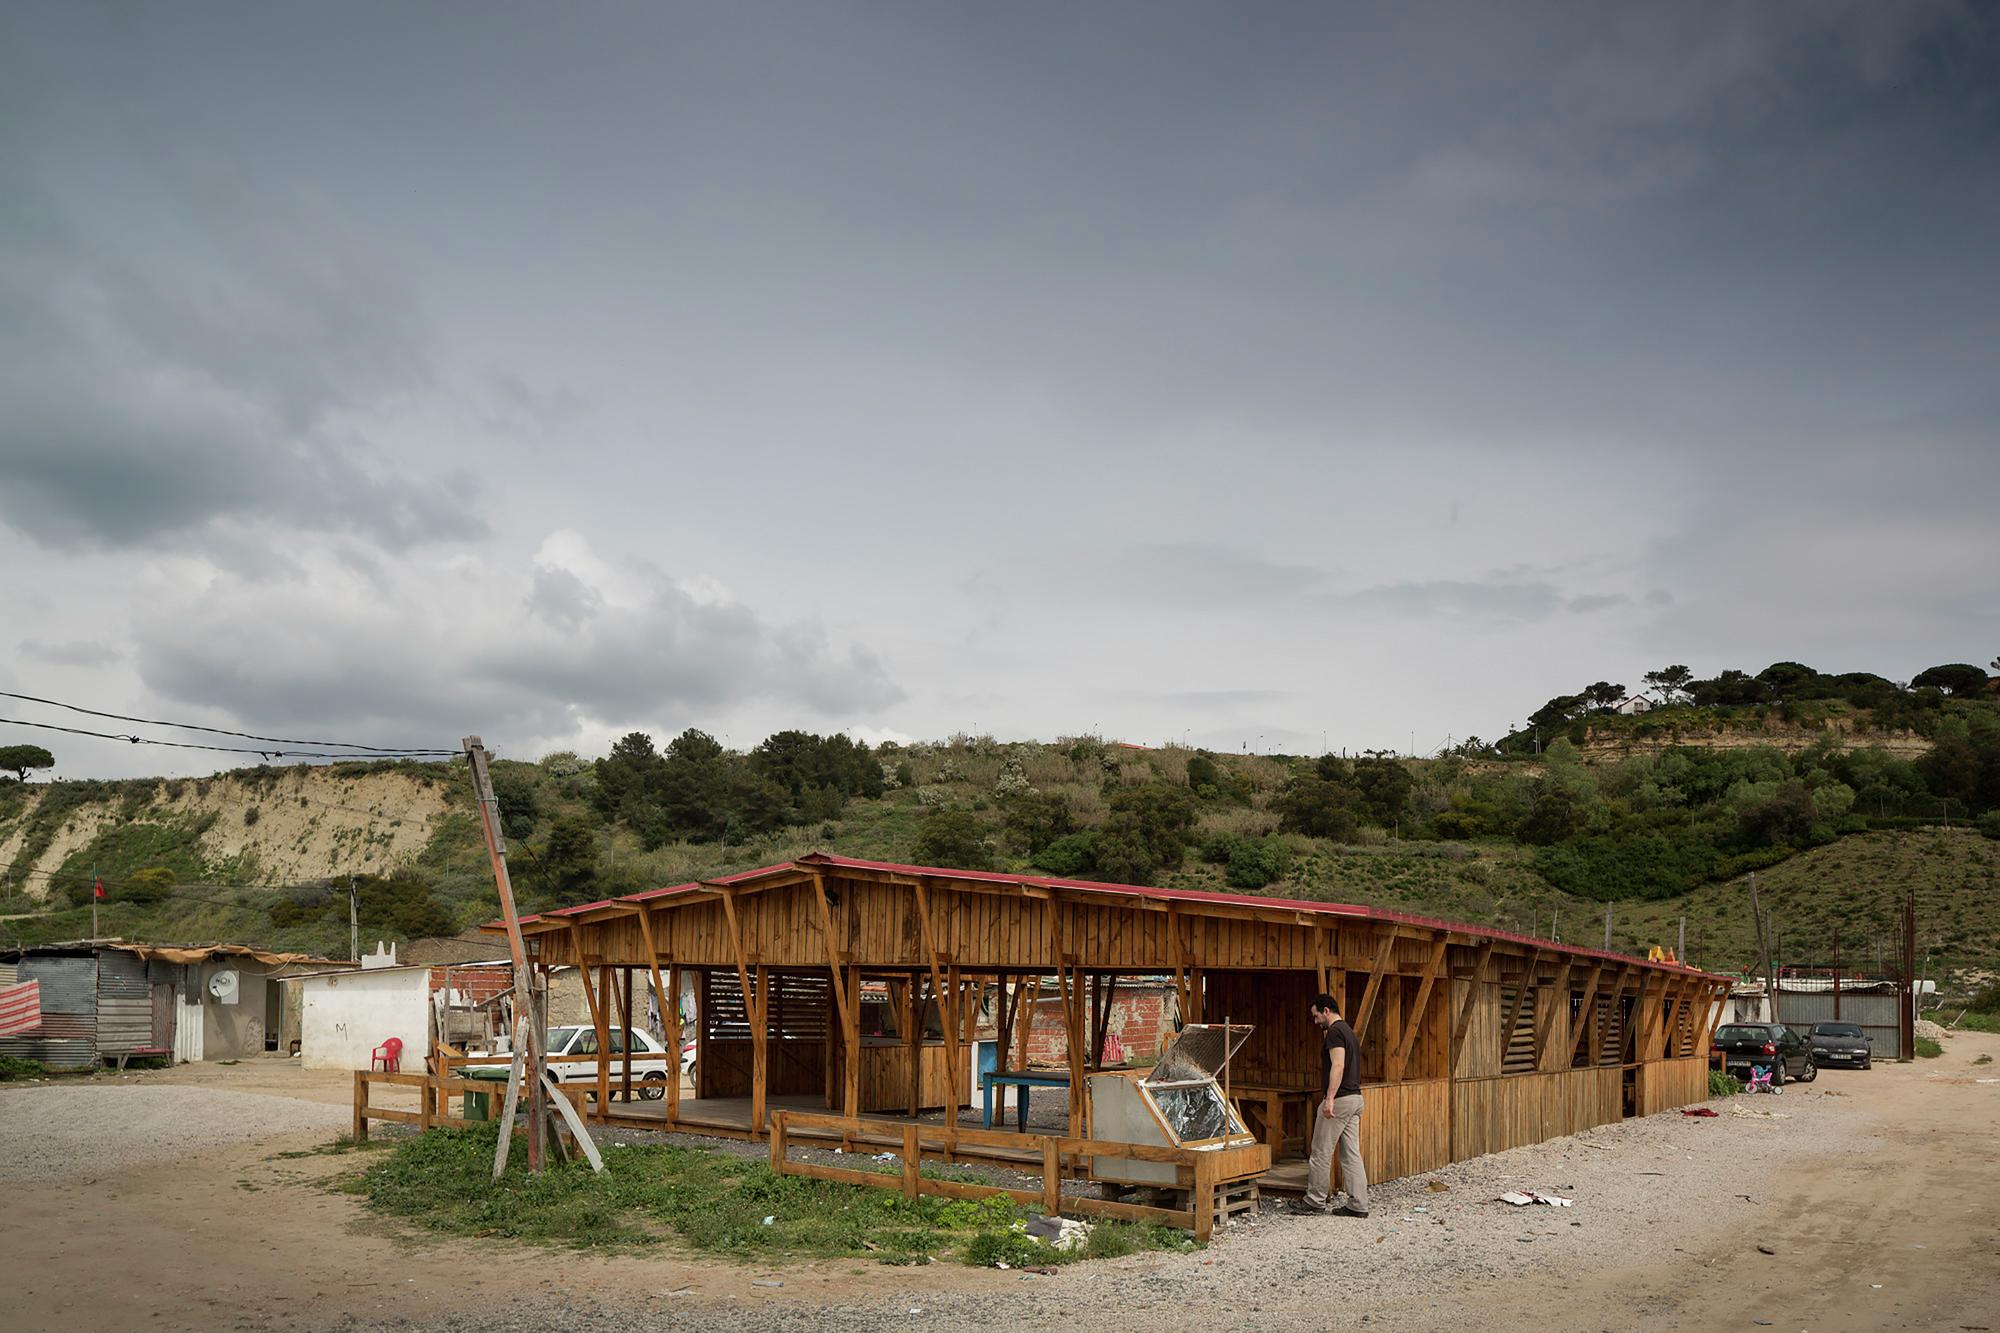 Galeria de Cozinha Comunitária das Terras da Costa / ateliermob  #684728 2000 1333